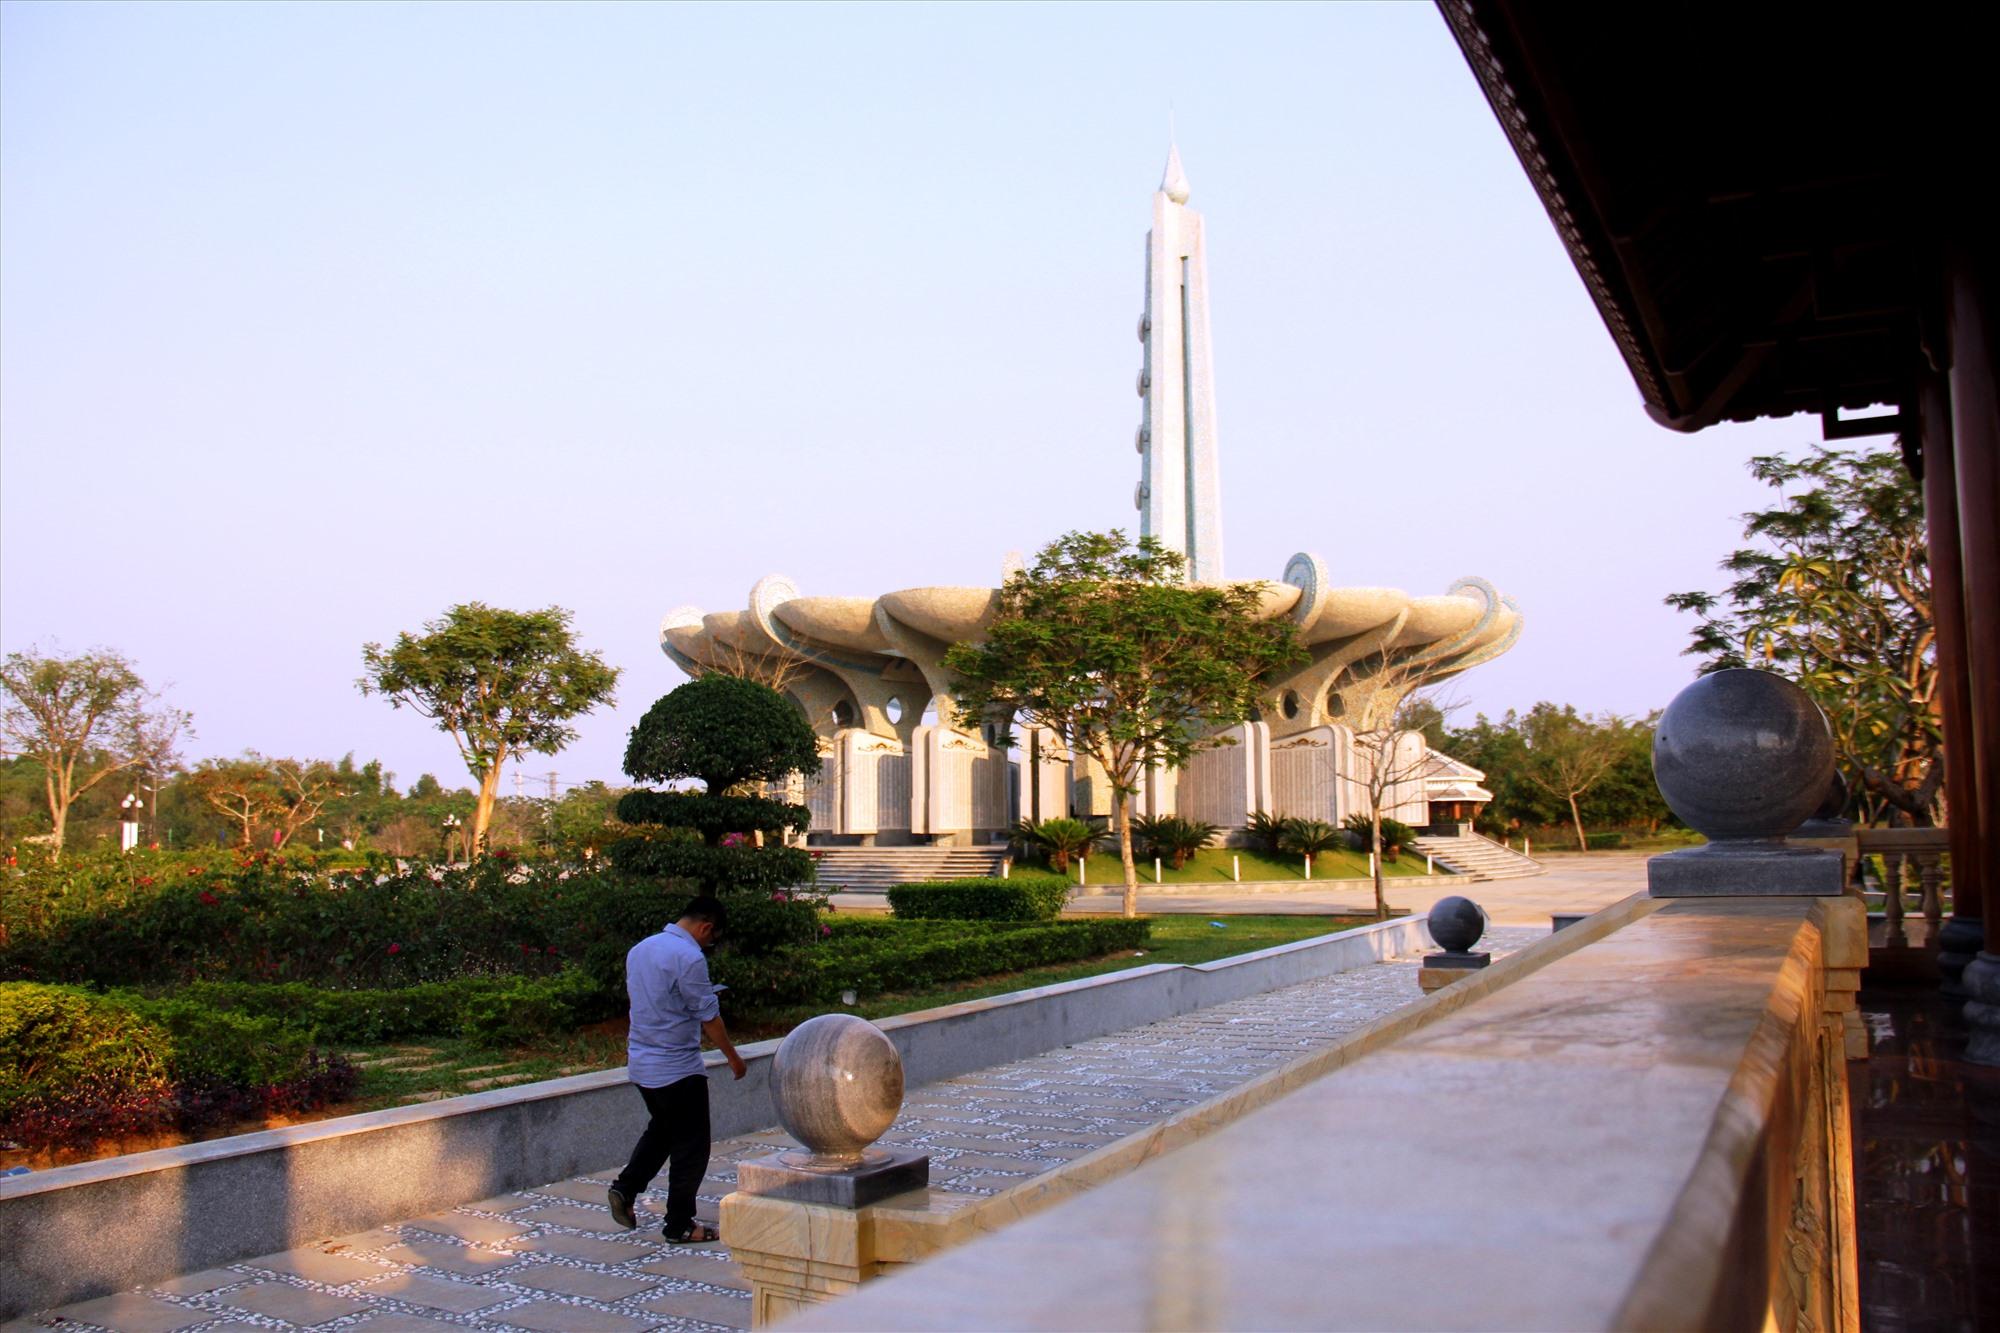 Từ nhà bia nhìn sang đài tưởng niệm Nghĩa trang liệt sĩ tỉnh. Ảnh: A.N